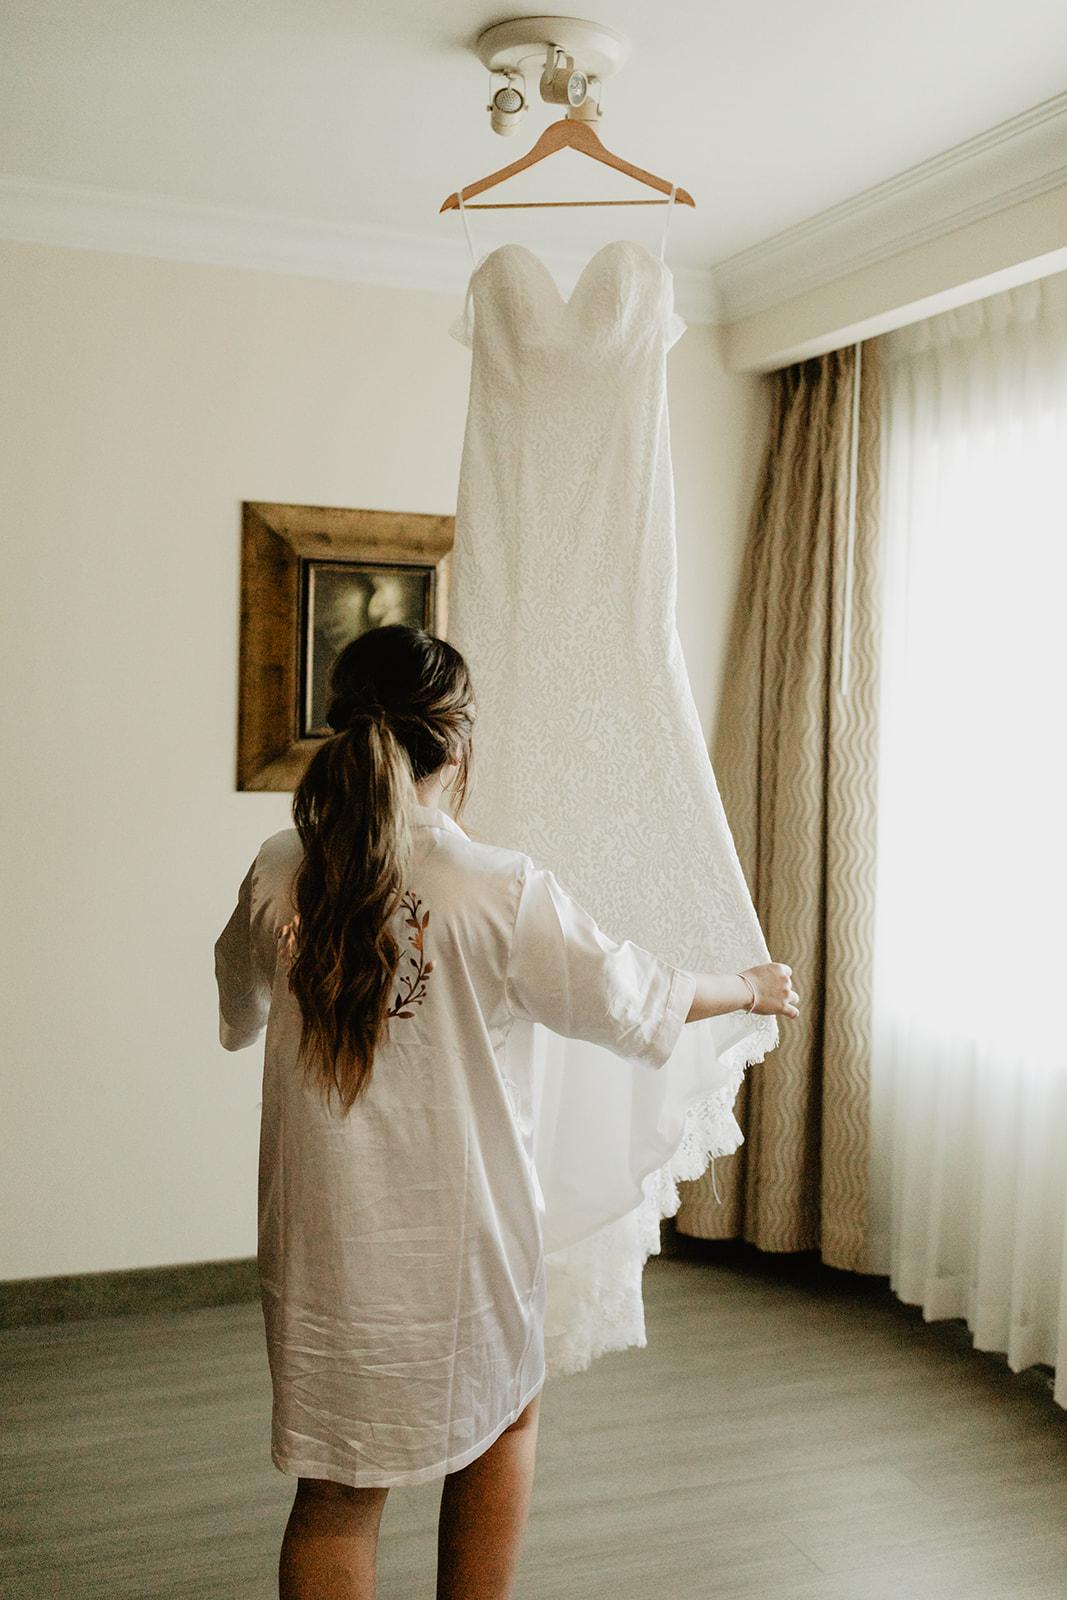 Chateau Rive Spokane Wedding Spokane Blog Dress hanging